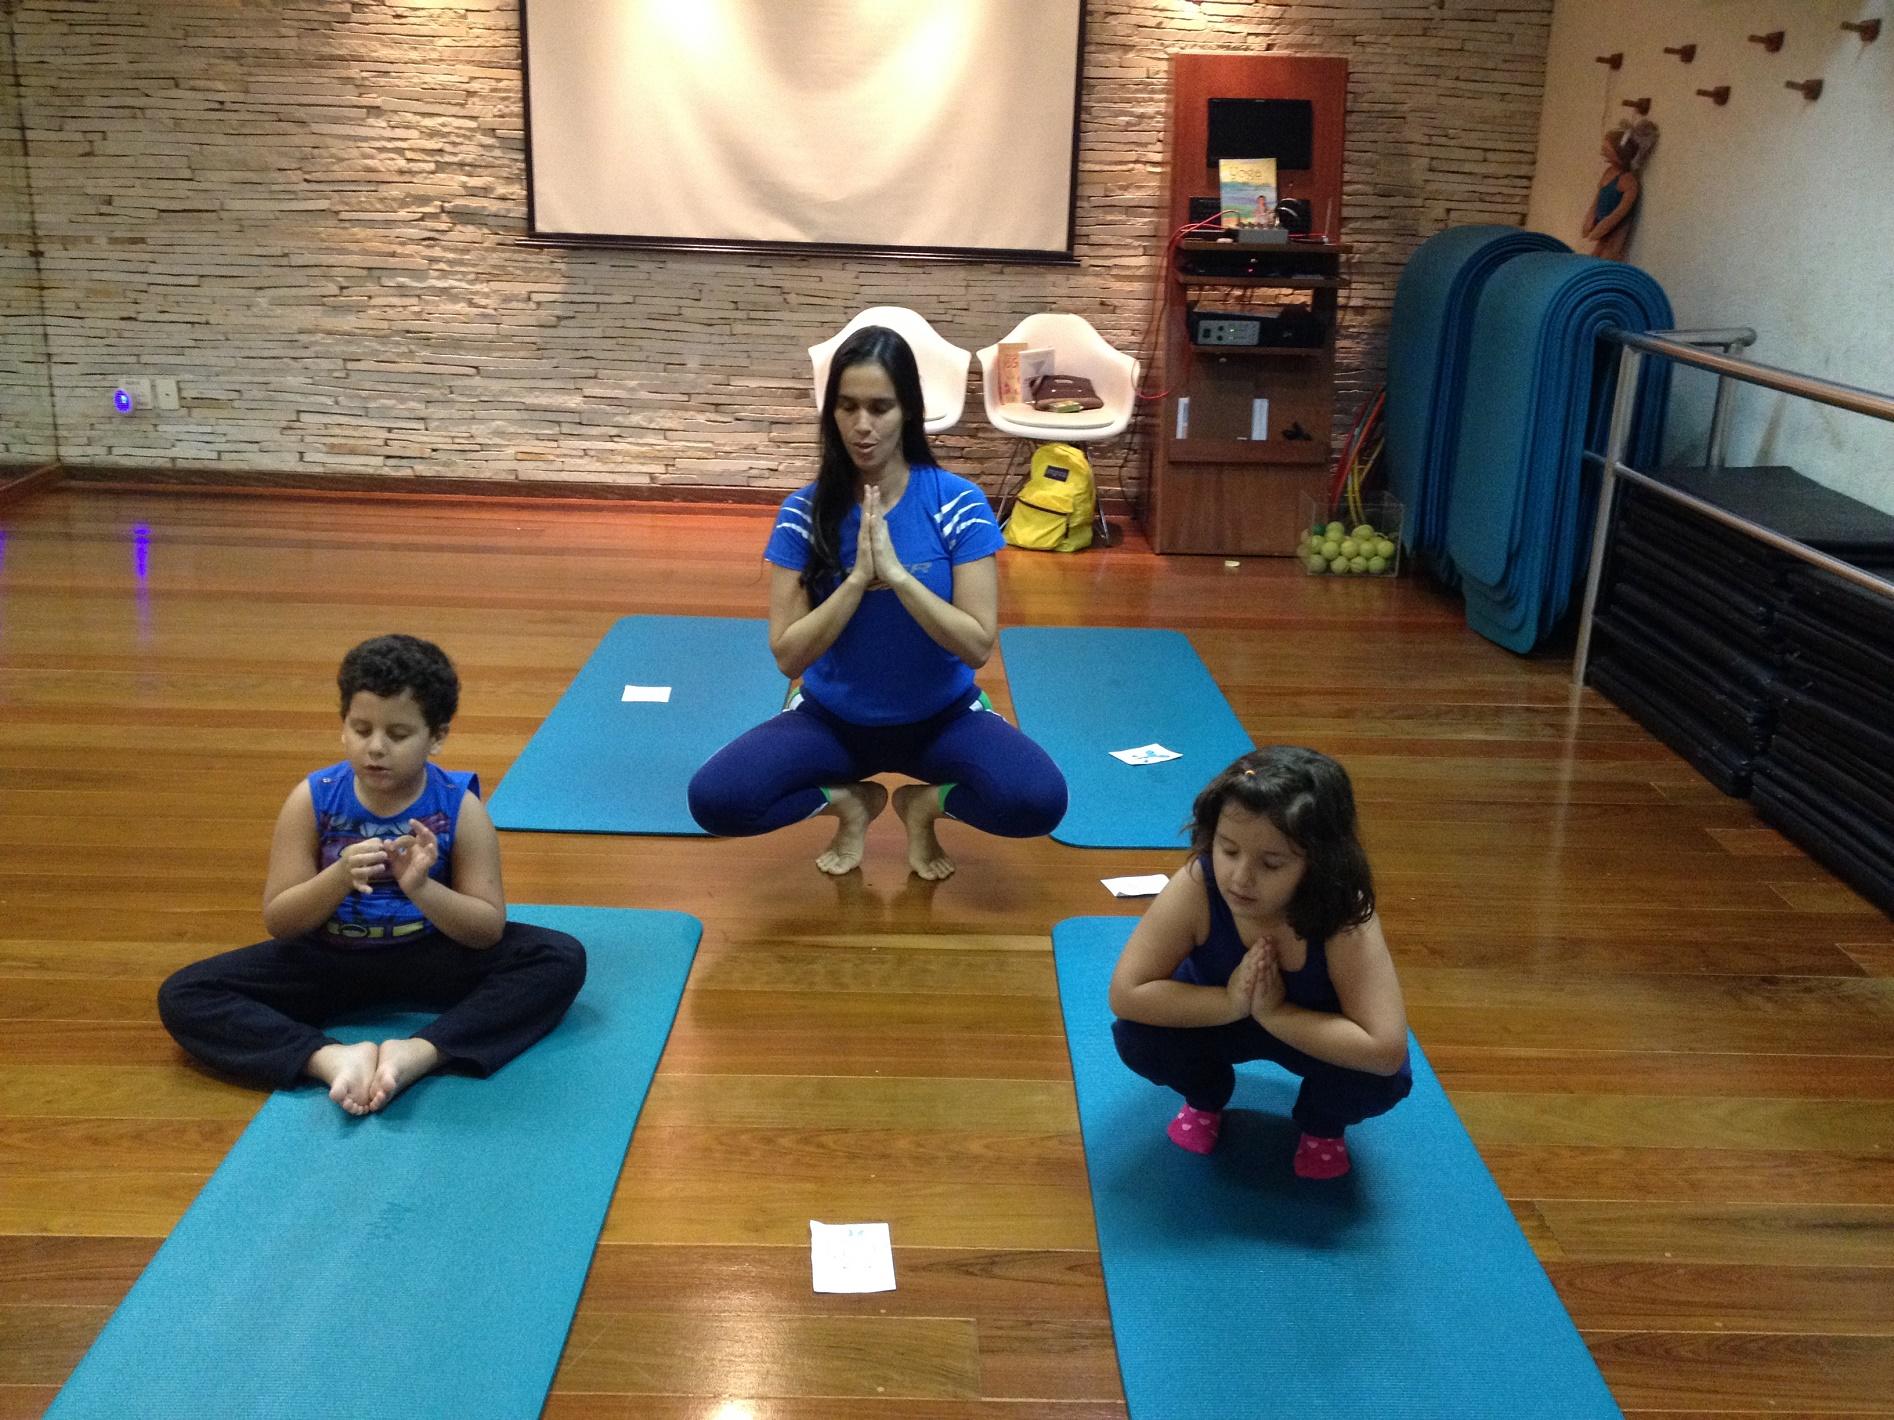 Para ajudar João e Luiza a manter a concentração, a professora de ioga infantil Bianca Graham Bell recorre a um leque de atividades lúdicas e divertidas